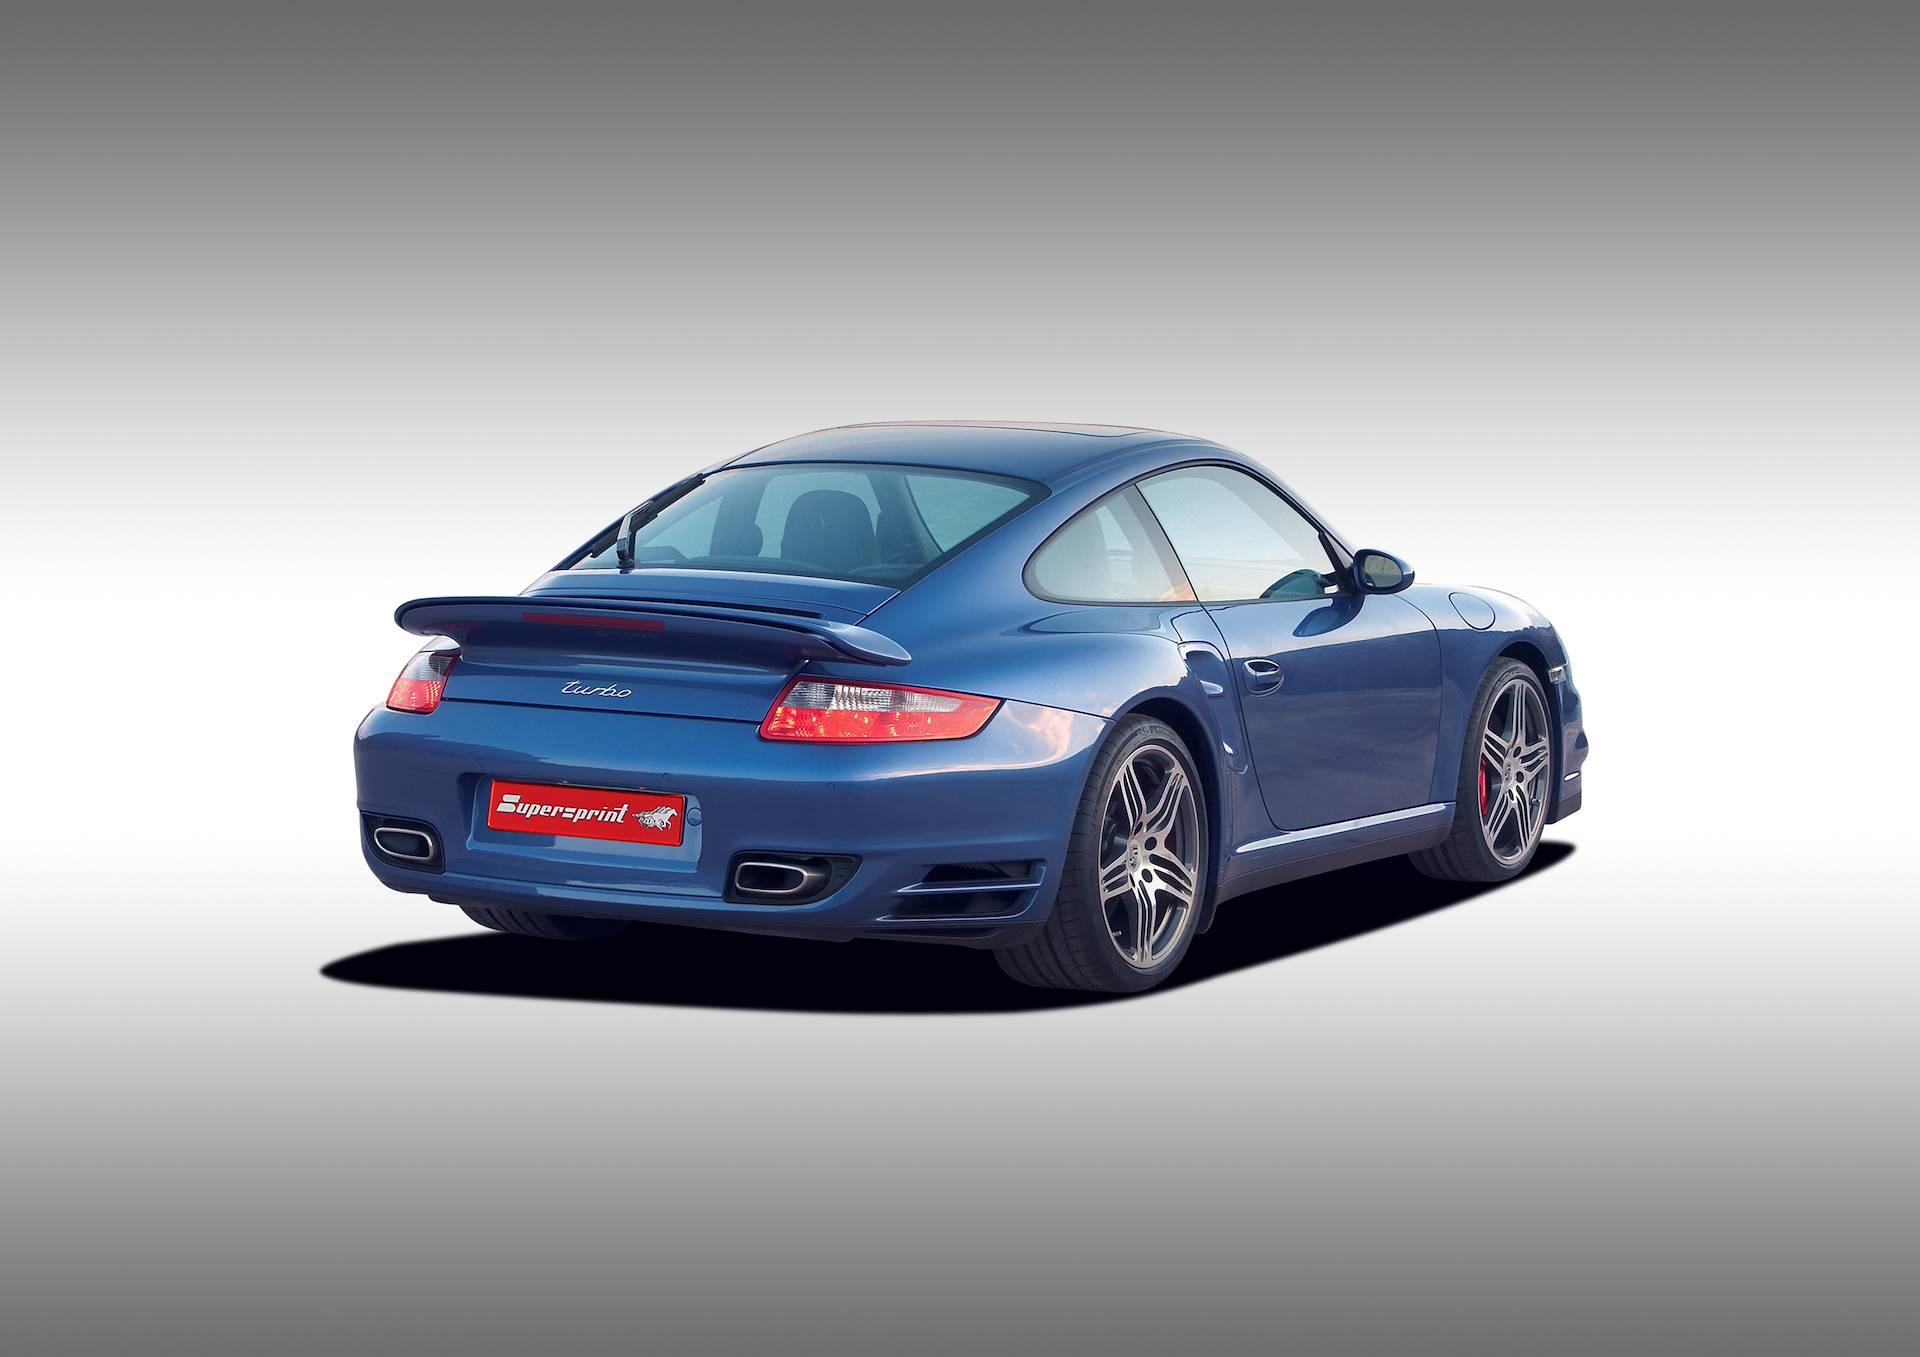 Supersprint Udstødninger til Porsche 911 997 Turbo 3.6 480HK